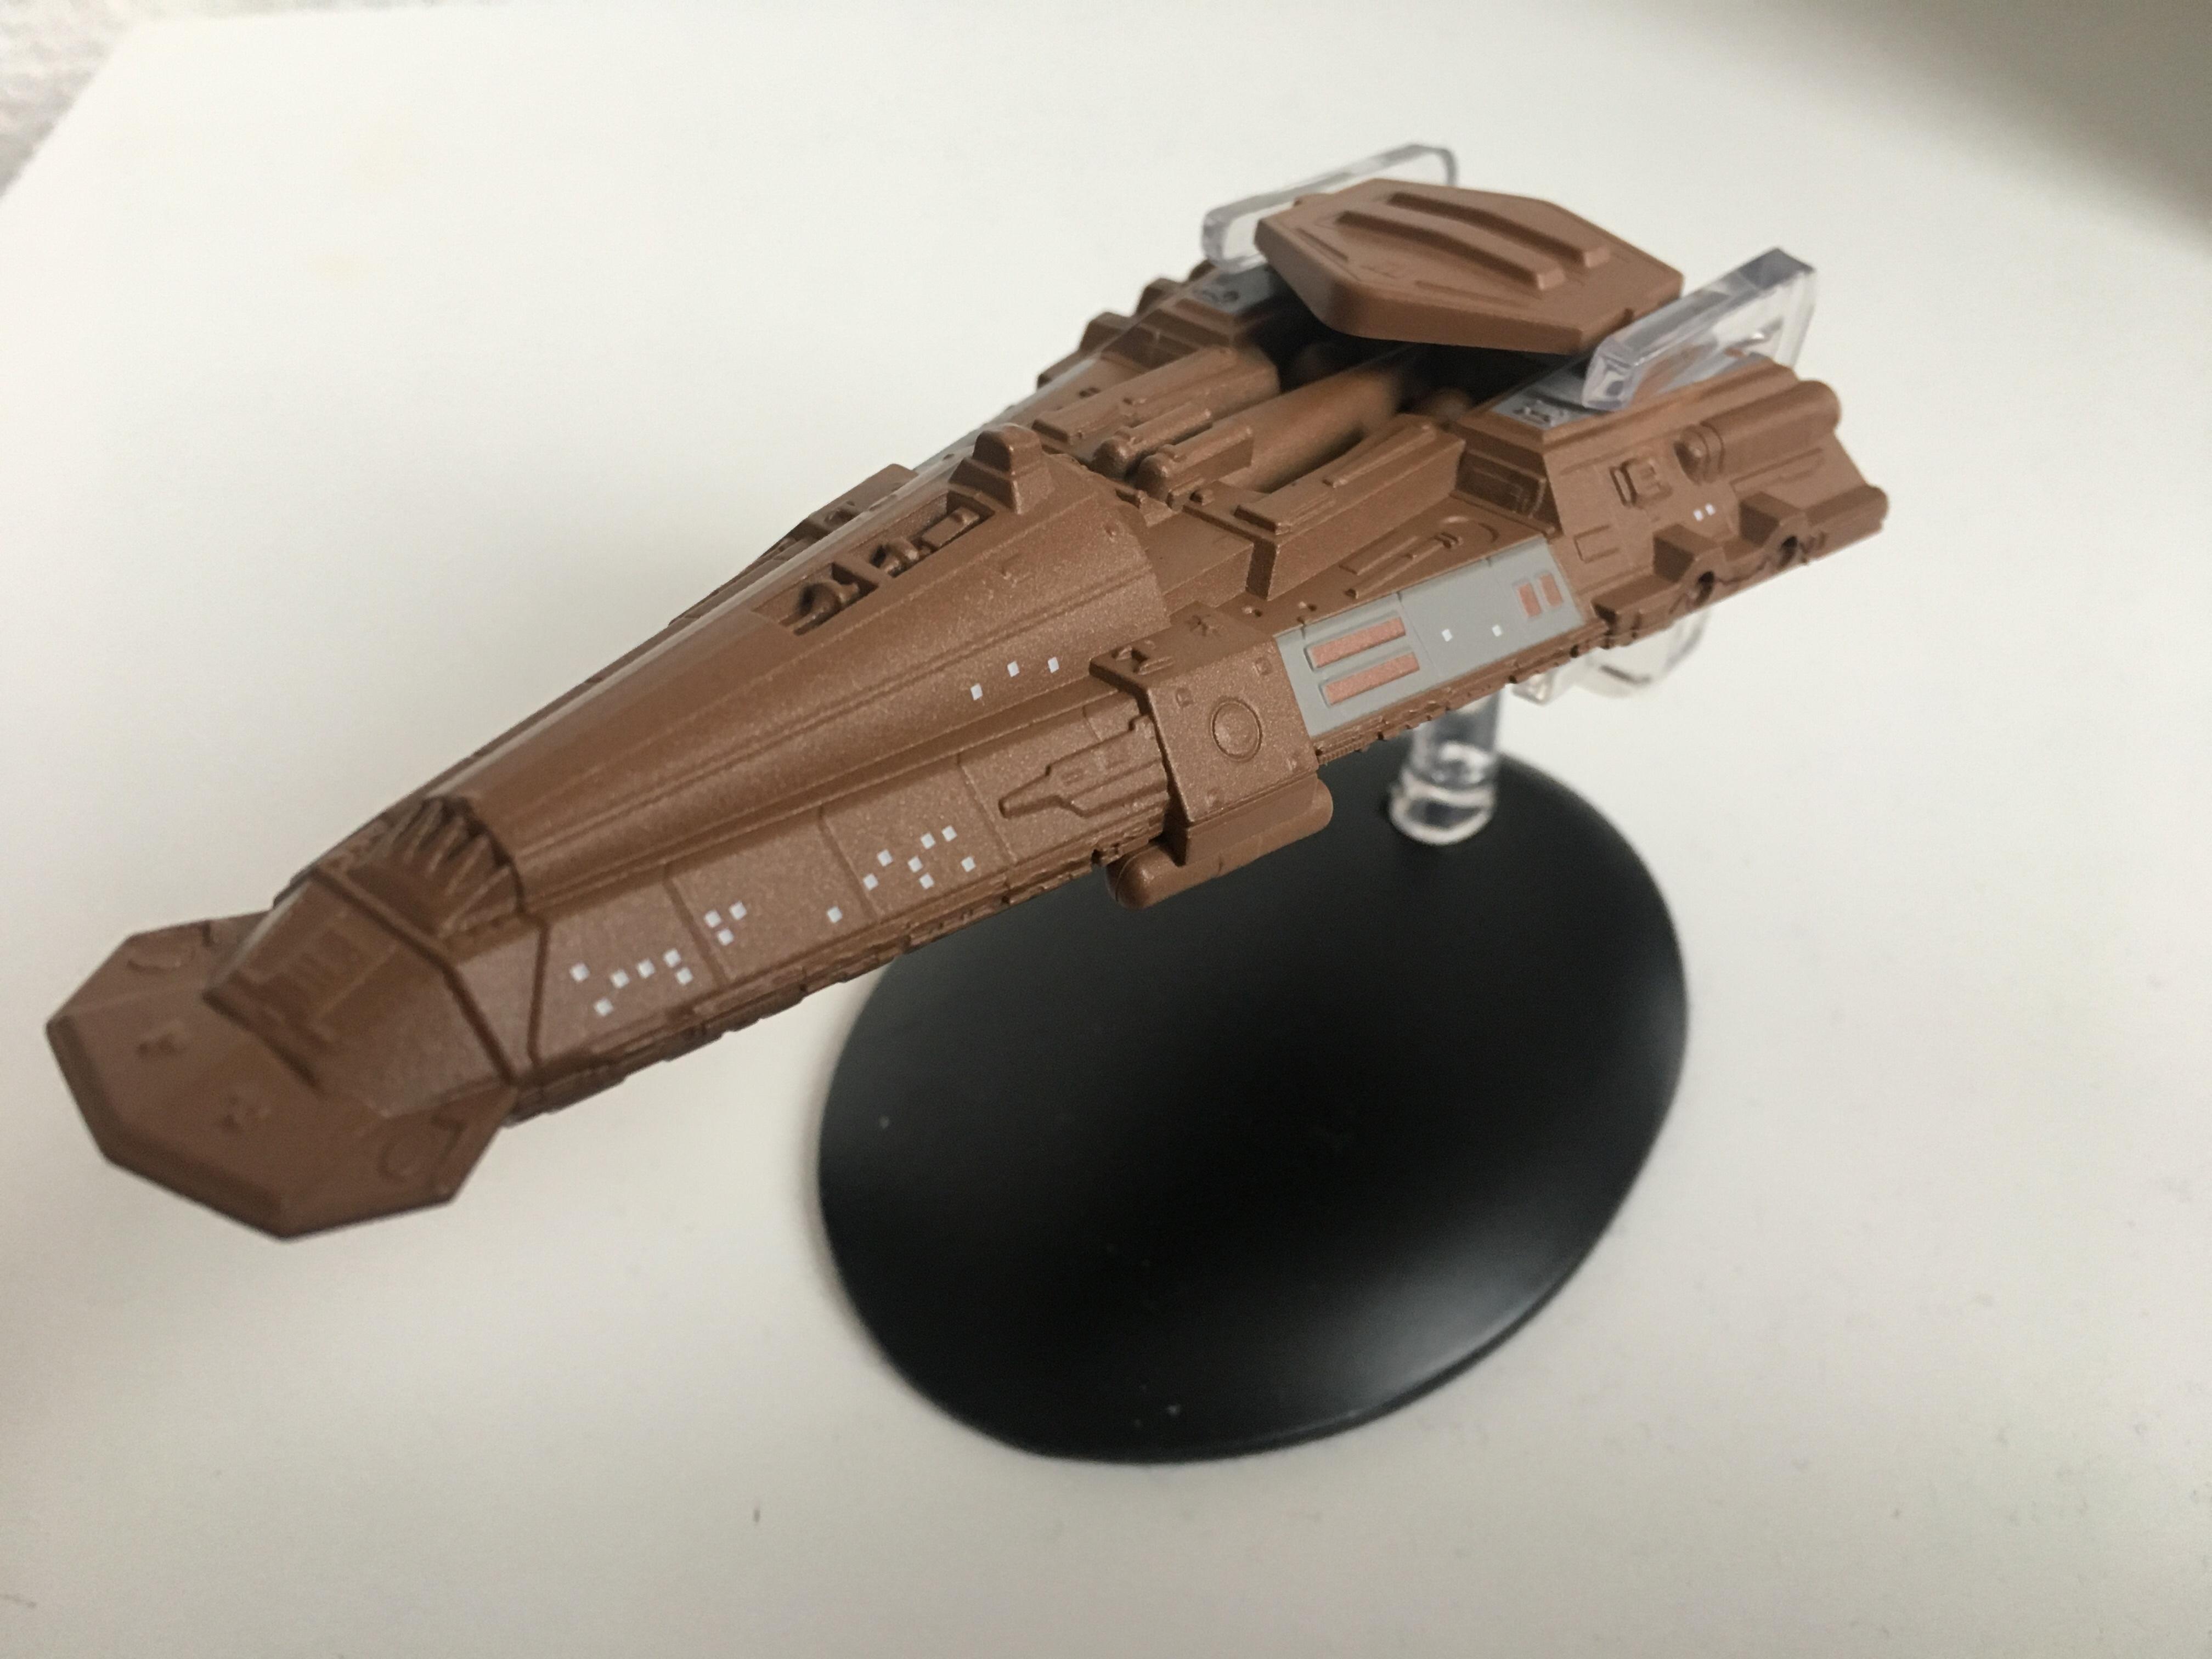 Das Modell des bajoranischen Frachters kam viele Mal in der Star Trek Produktion zum Einsatz. Foto: Star Trek HD